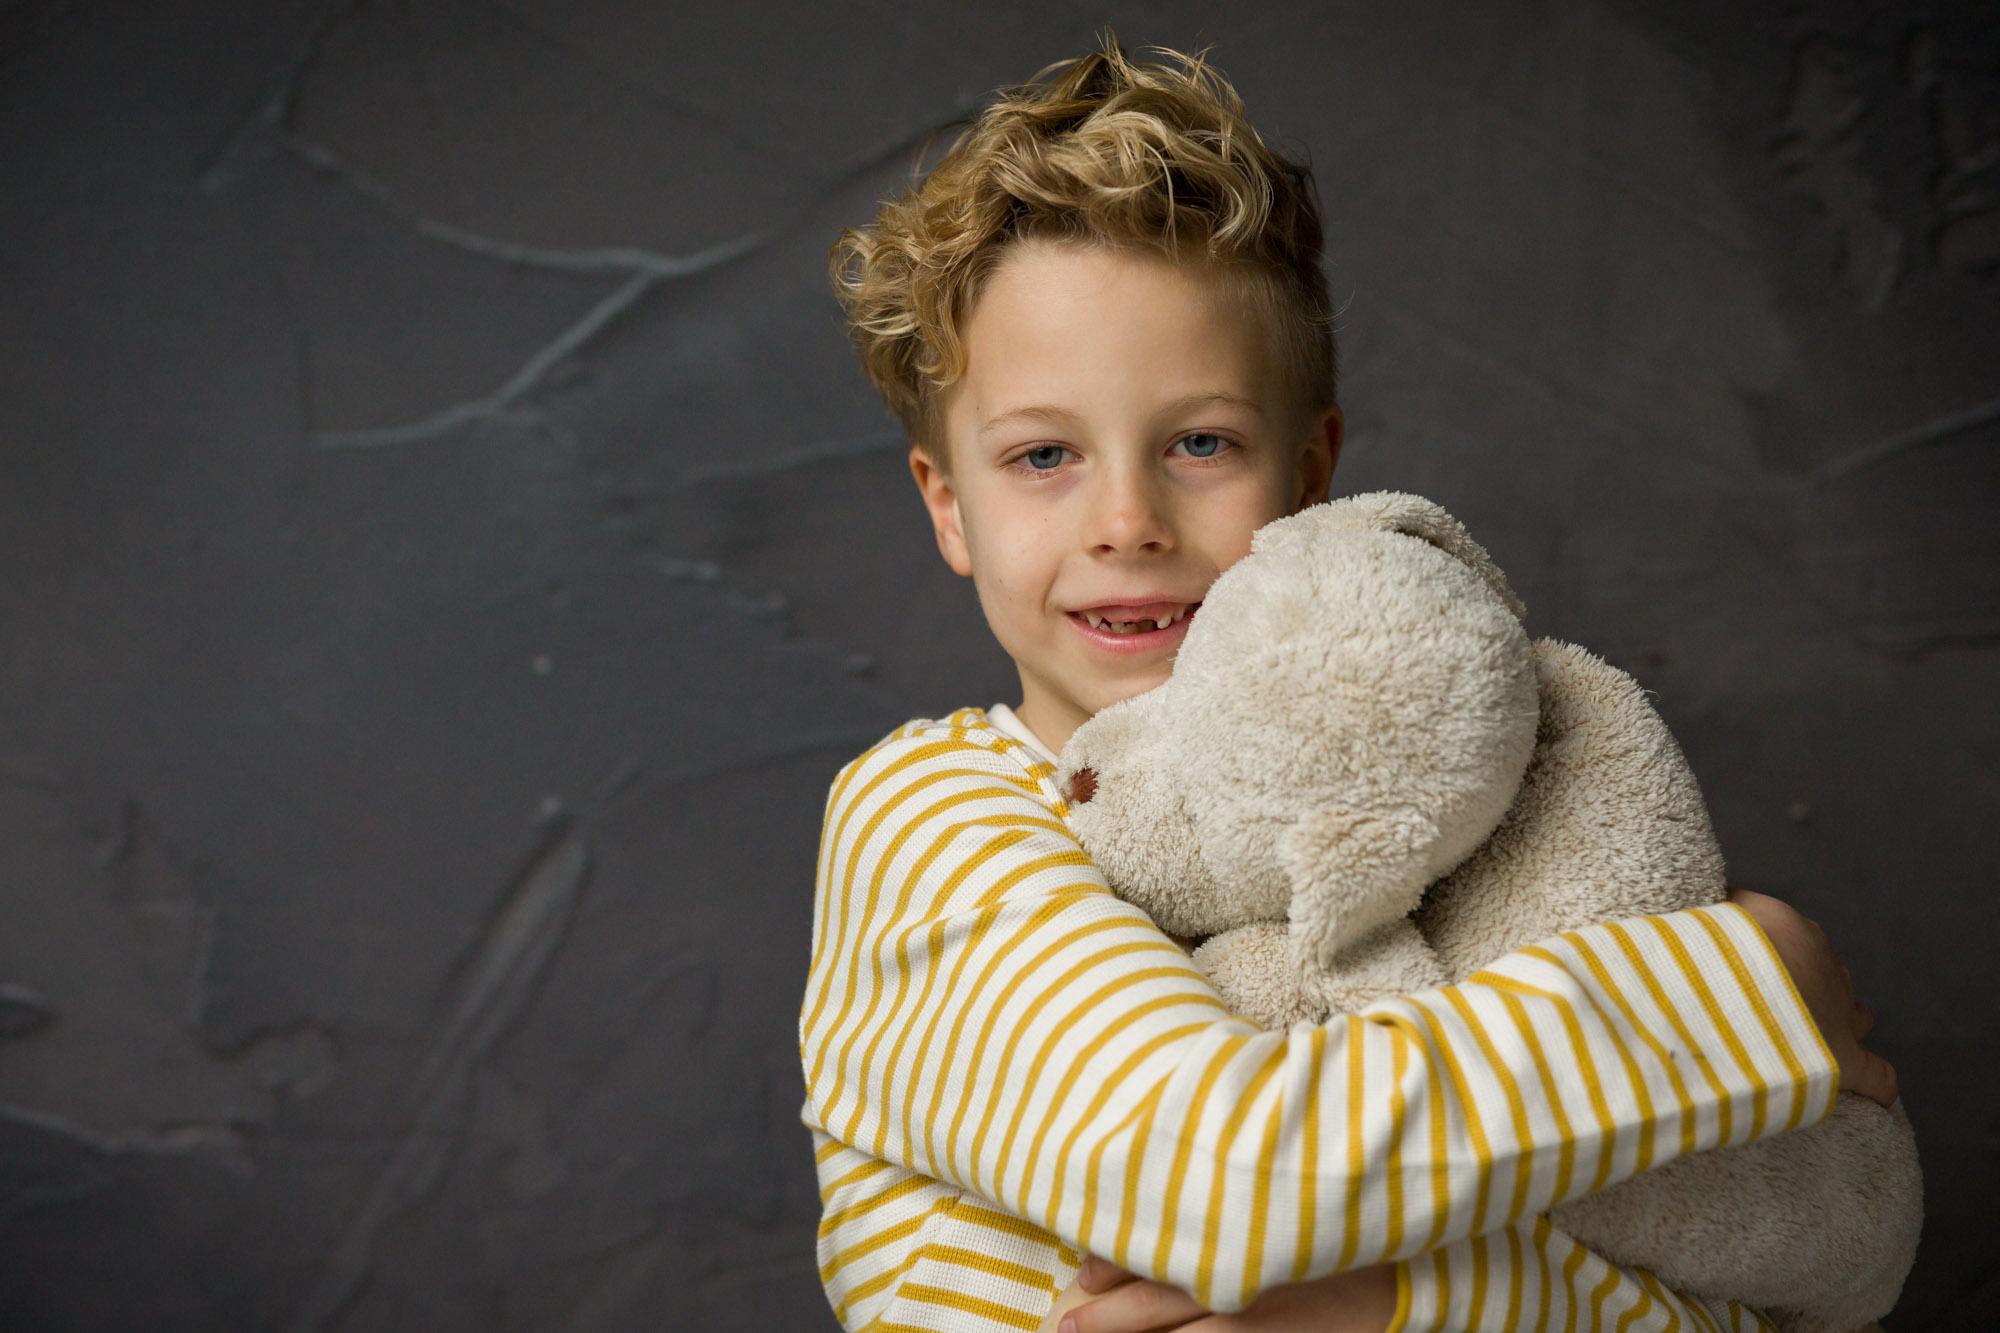 portret van lachende jongen met knuffel in studio met natuurlijk licht door MayraFotografie